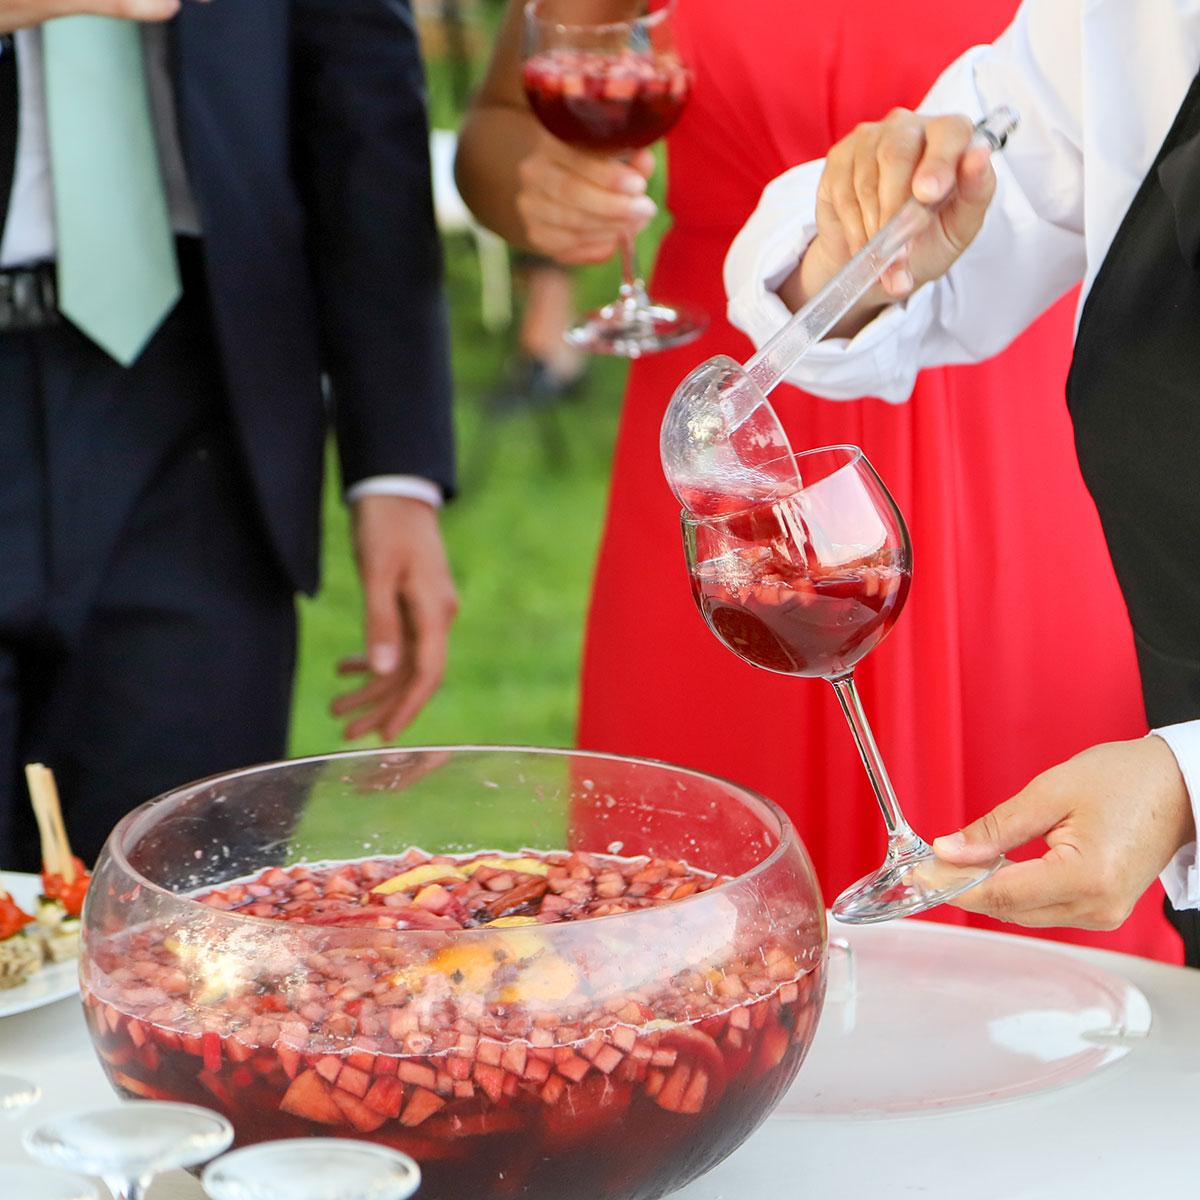 Servizio aperitivo | Negriricevimenti.com